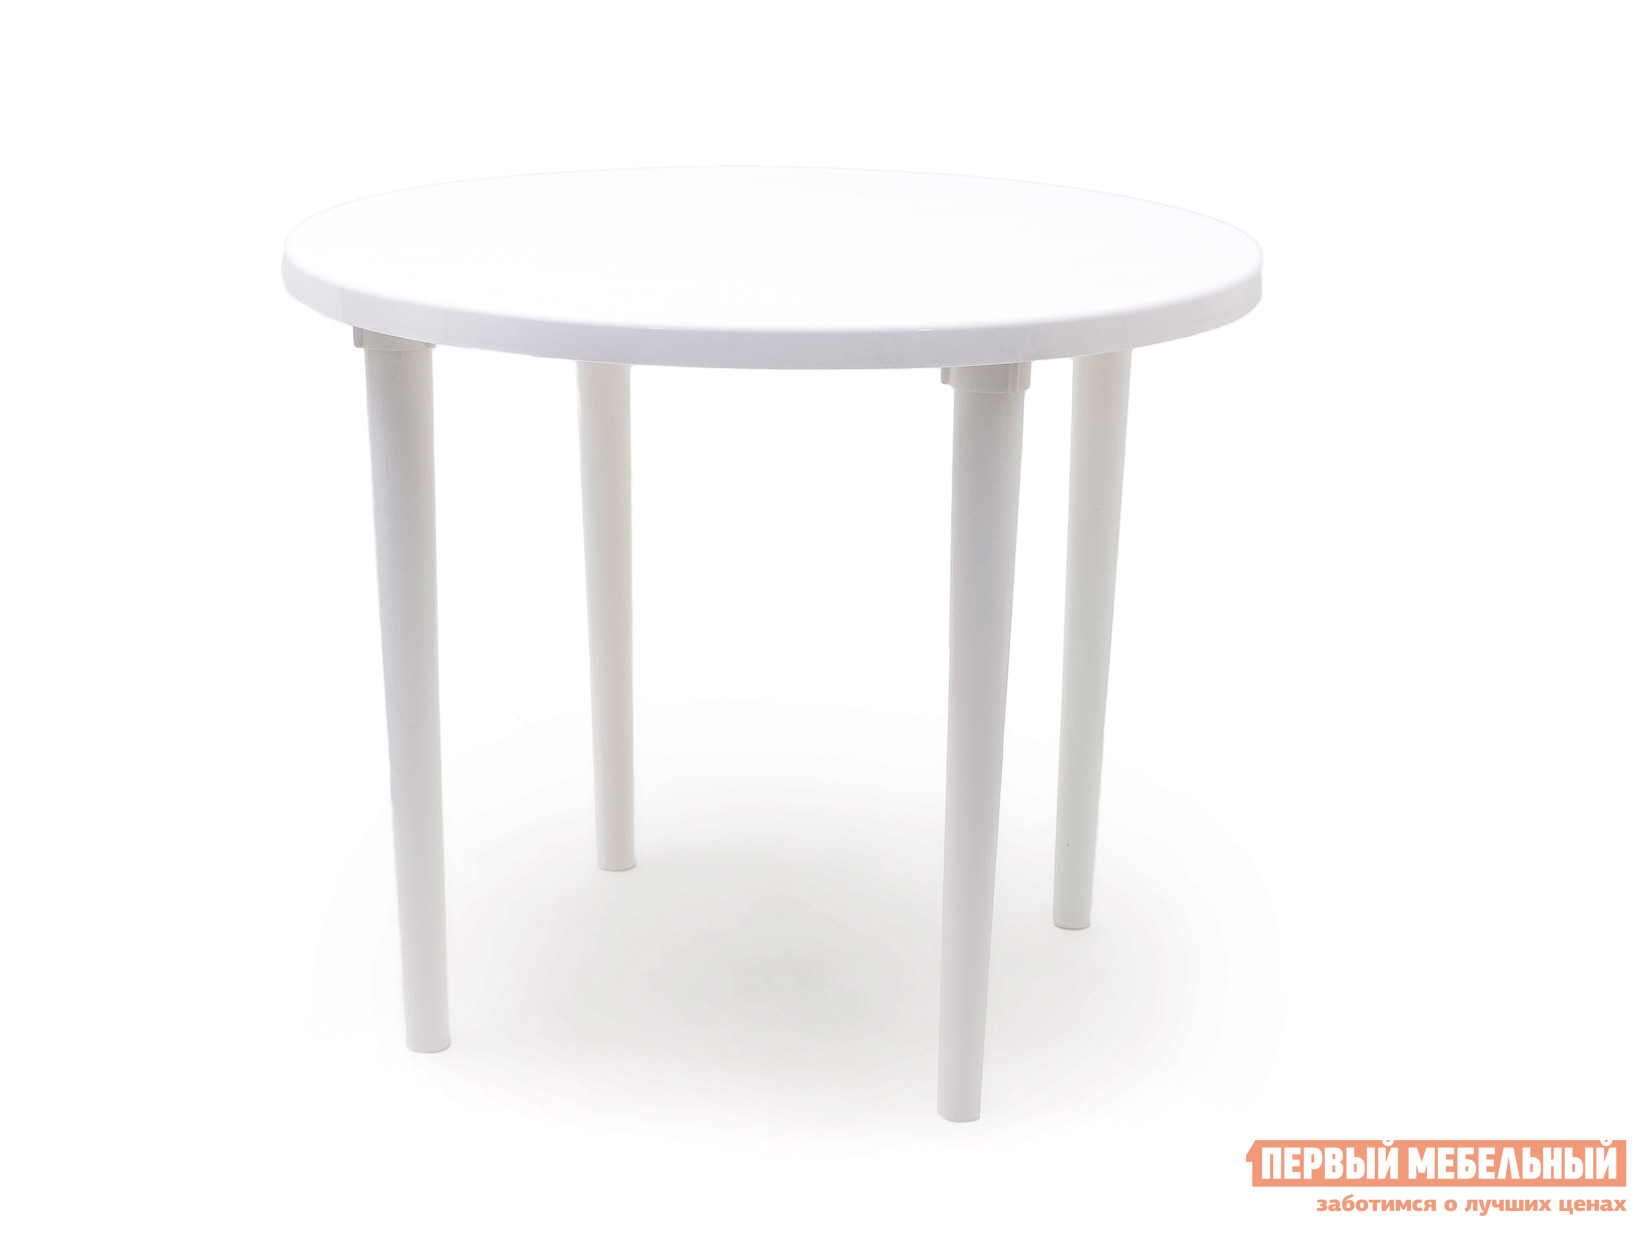 Пластиковый стол Стандарт Пластик Стол круглый, д. 900 мм Белый